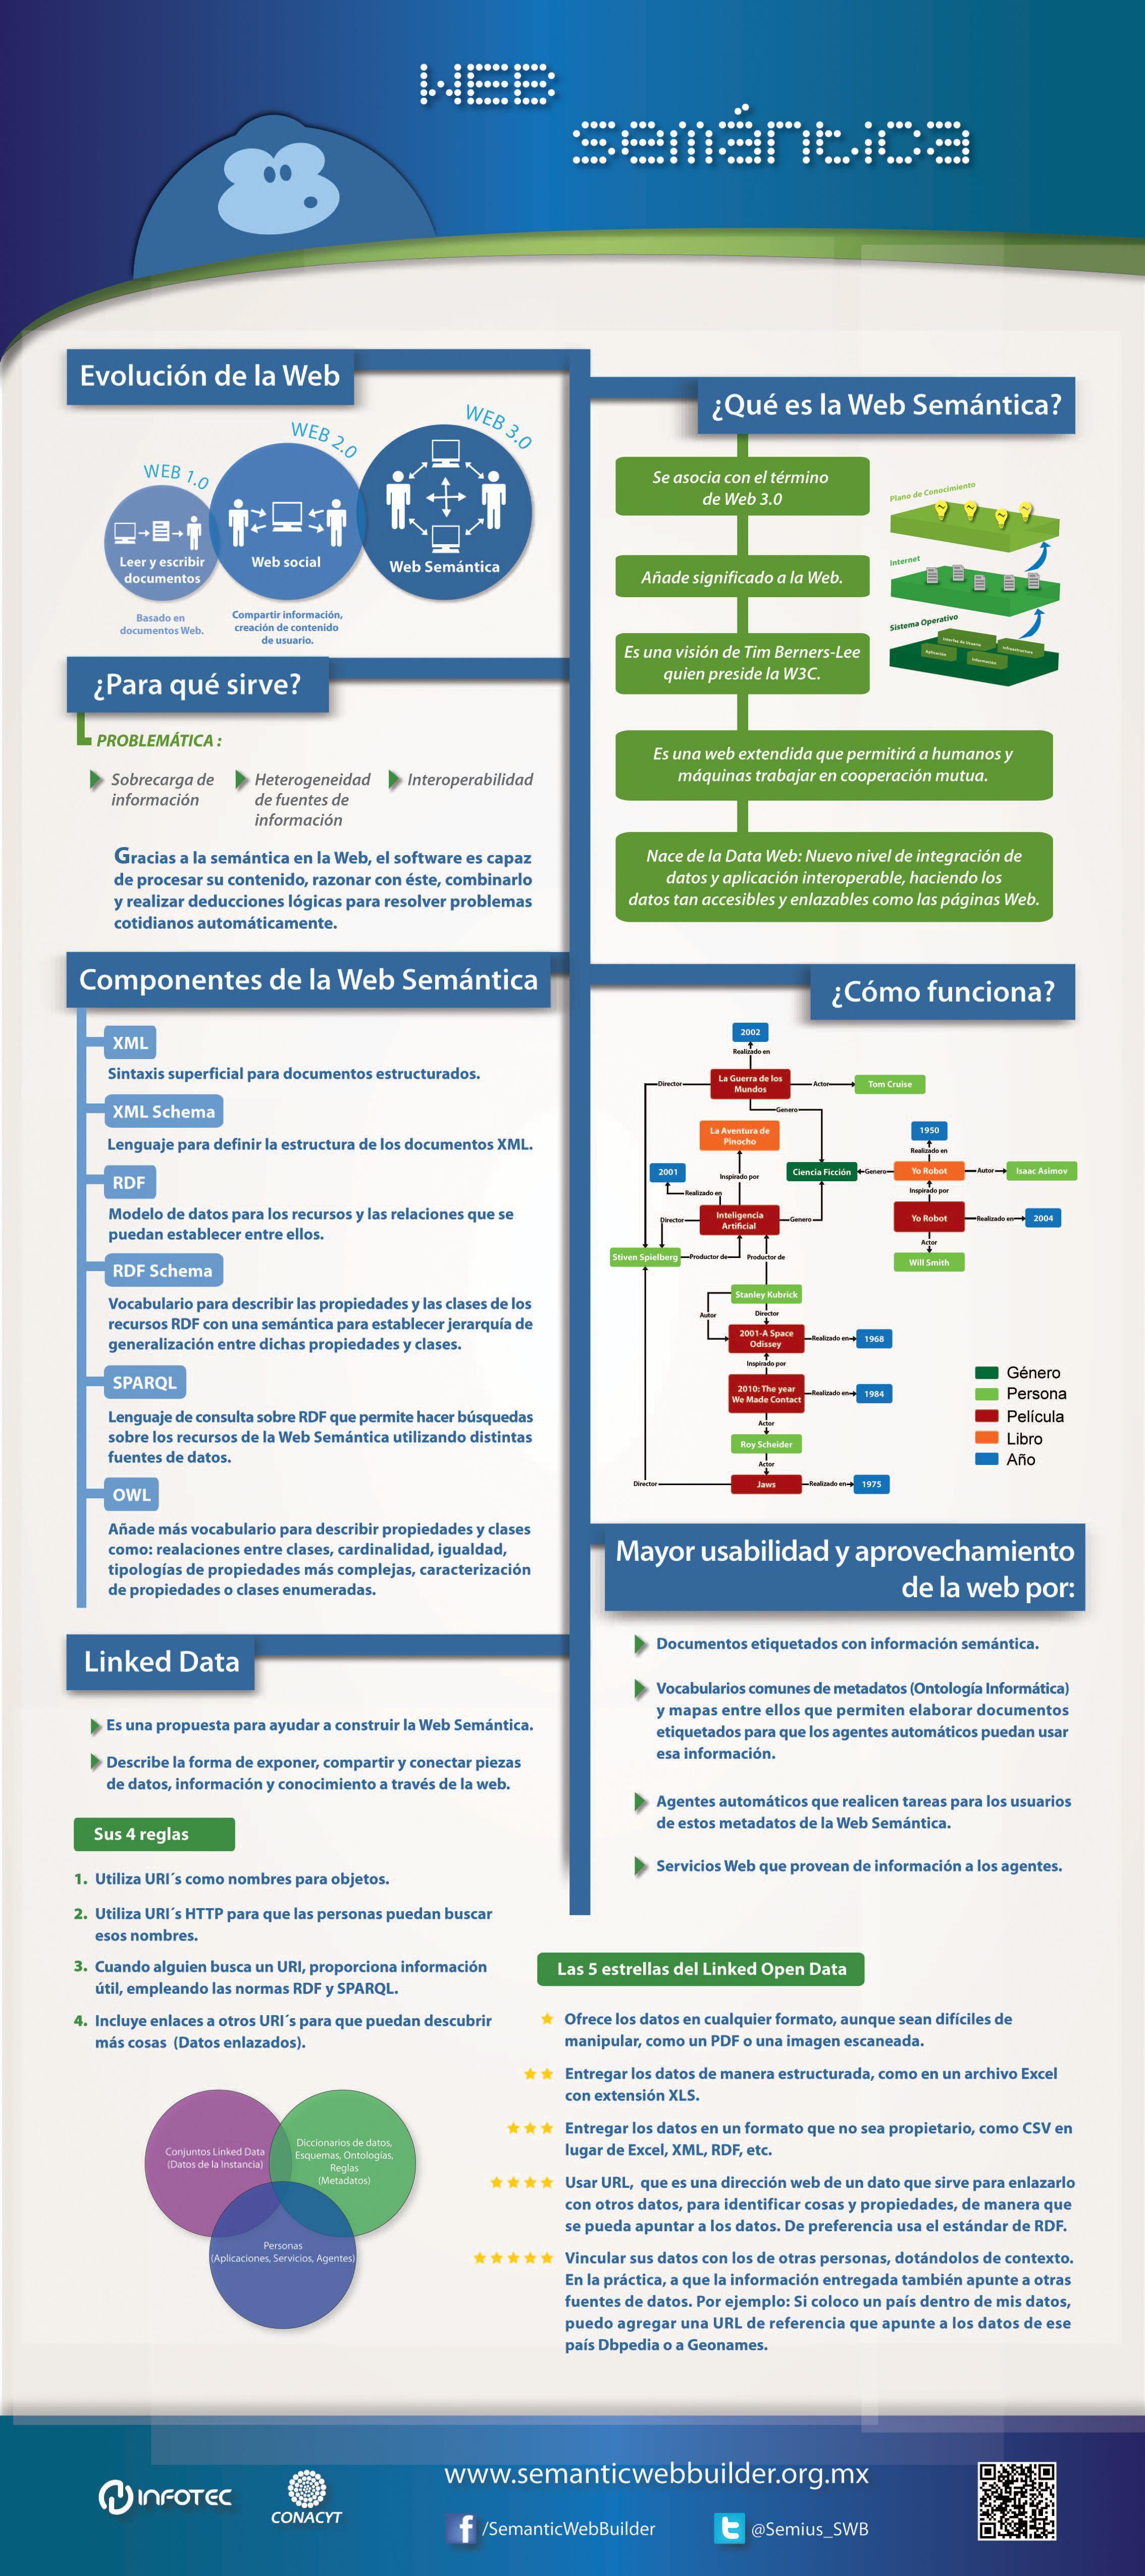 Web Semántica Infografia Evolucion De La Web Tecnologias De La Informacion Y Comunicacion